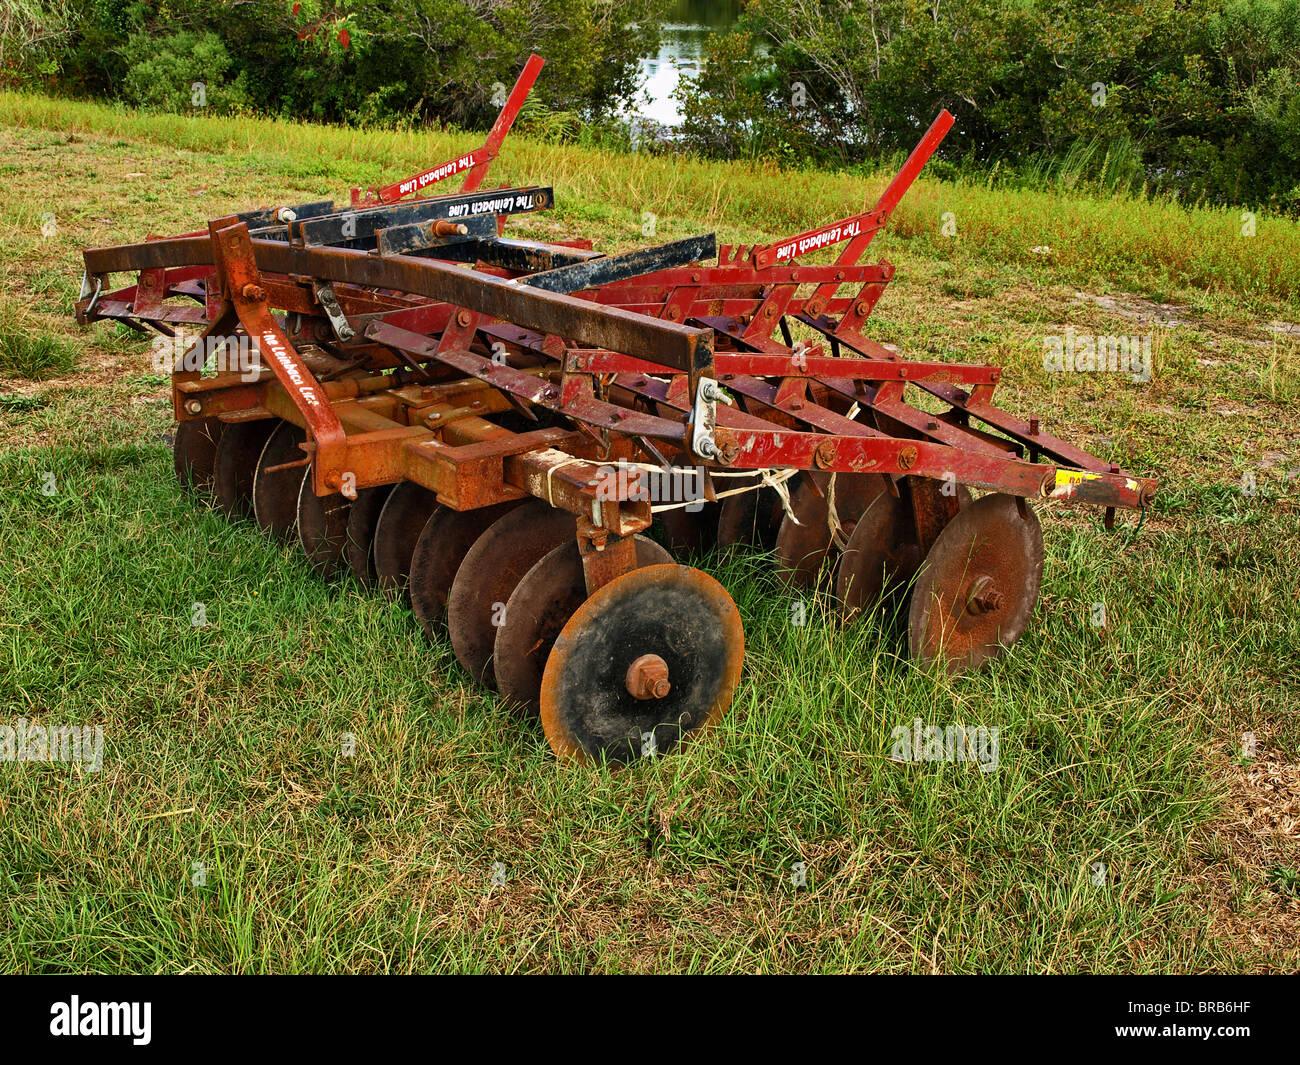 construction heavy equipment graders plow tractor disc roadwork mowing -  Stock Image